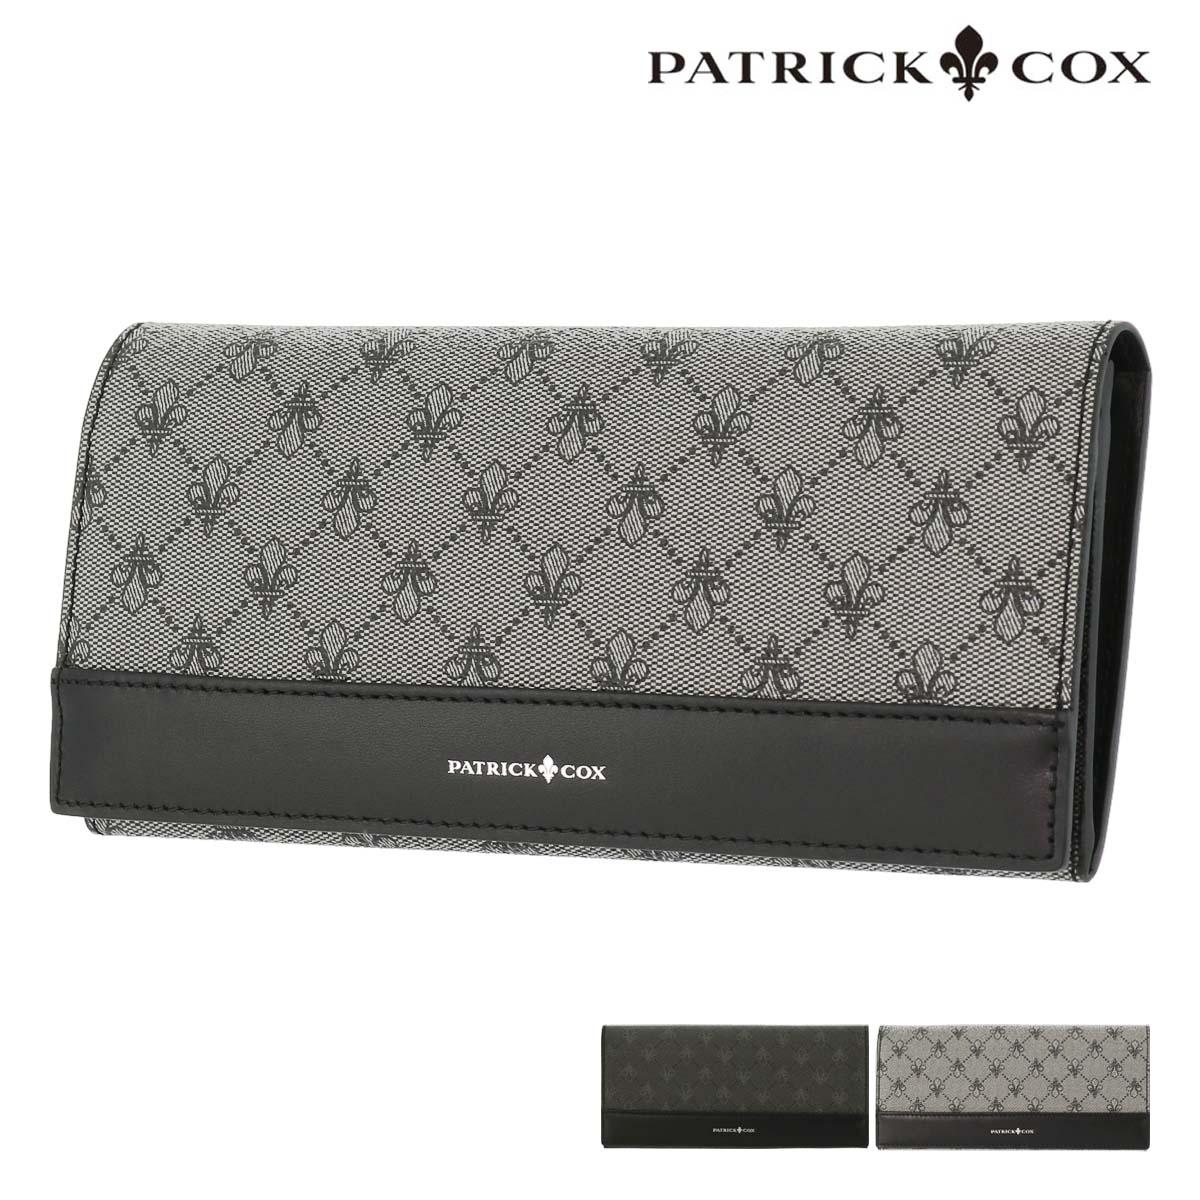 パトリックコックス 長財布 プレイドキングス メンズ レディース PXMW9LT1 PATRICK COX | 牛革 本革 レザー [bef]